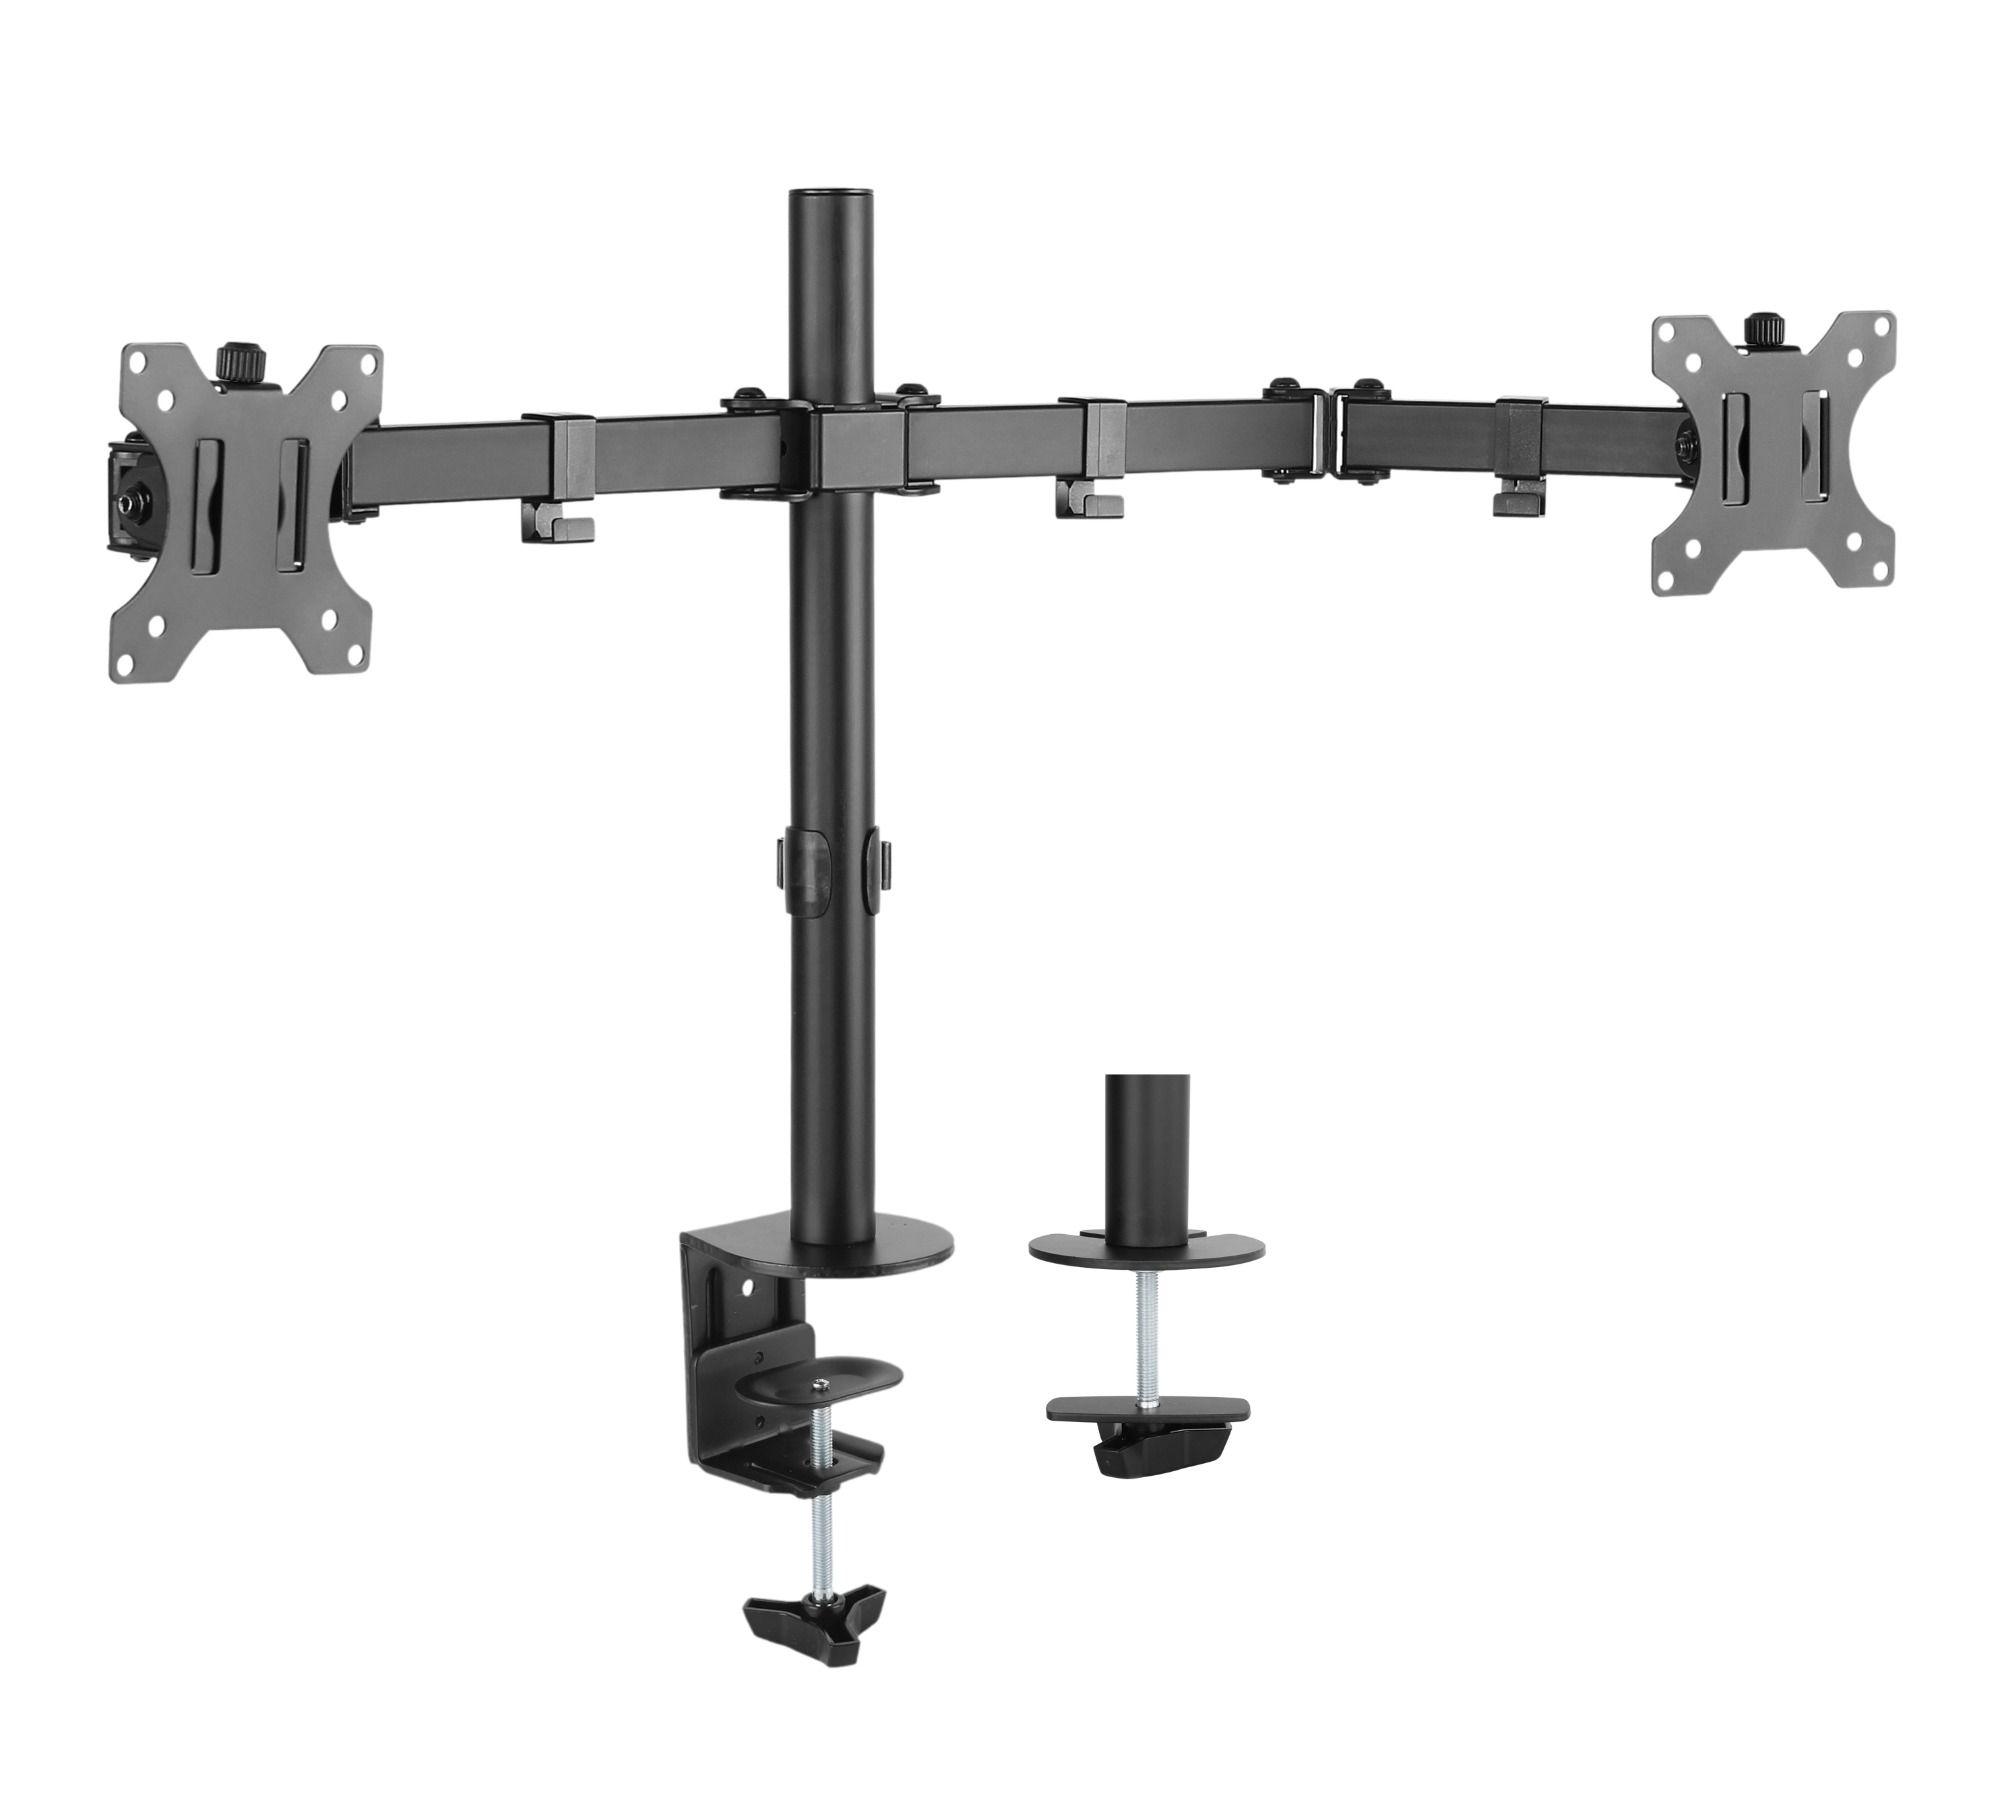 Audizio MAD20 universele monitor arm voor 2 schermen van 13 - 32 inch